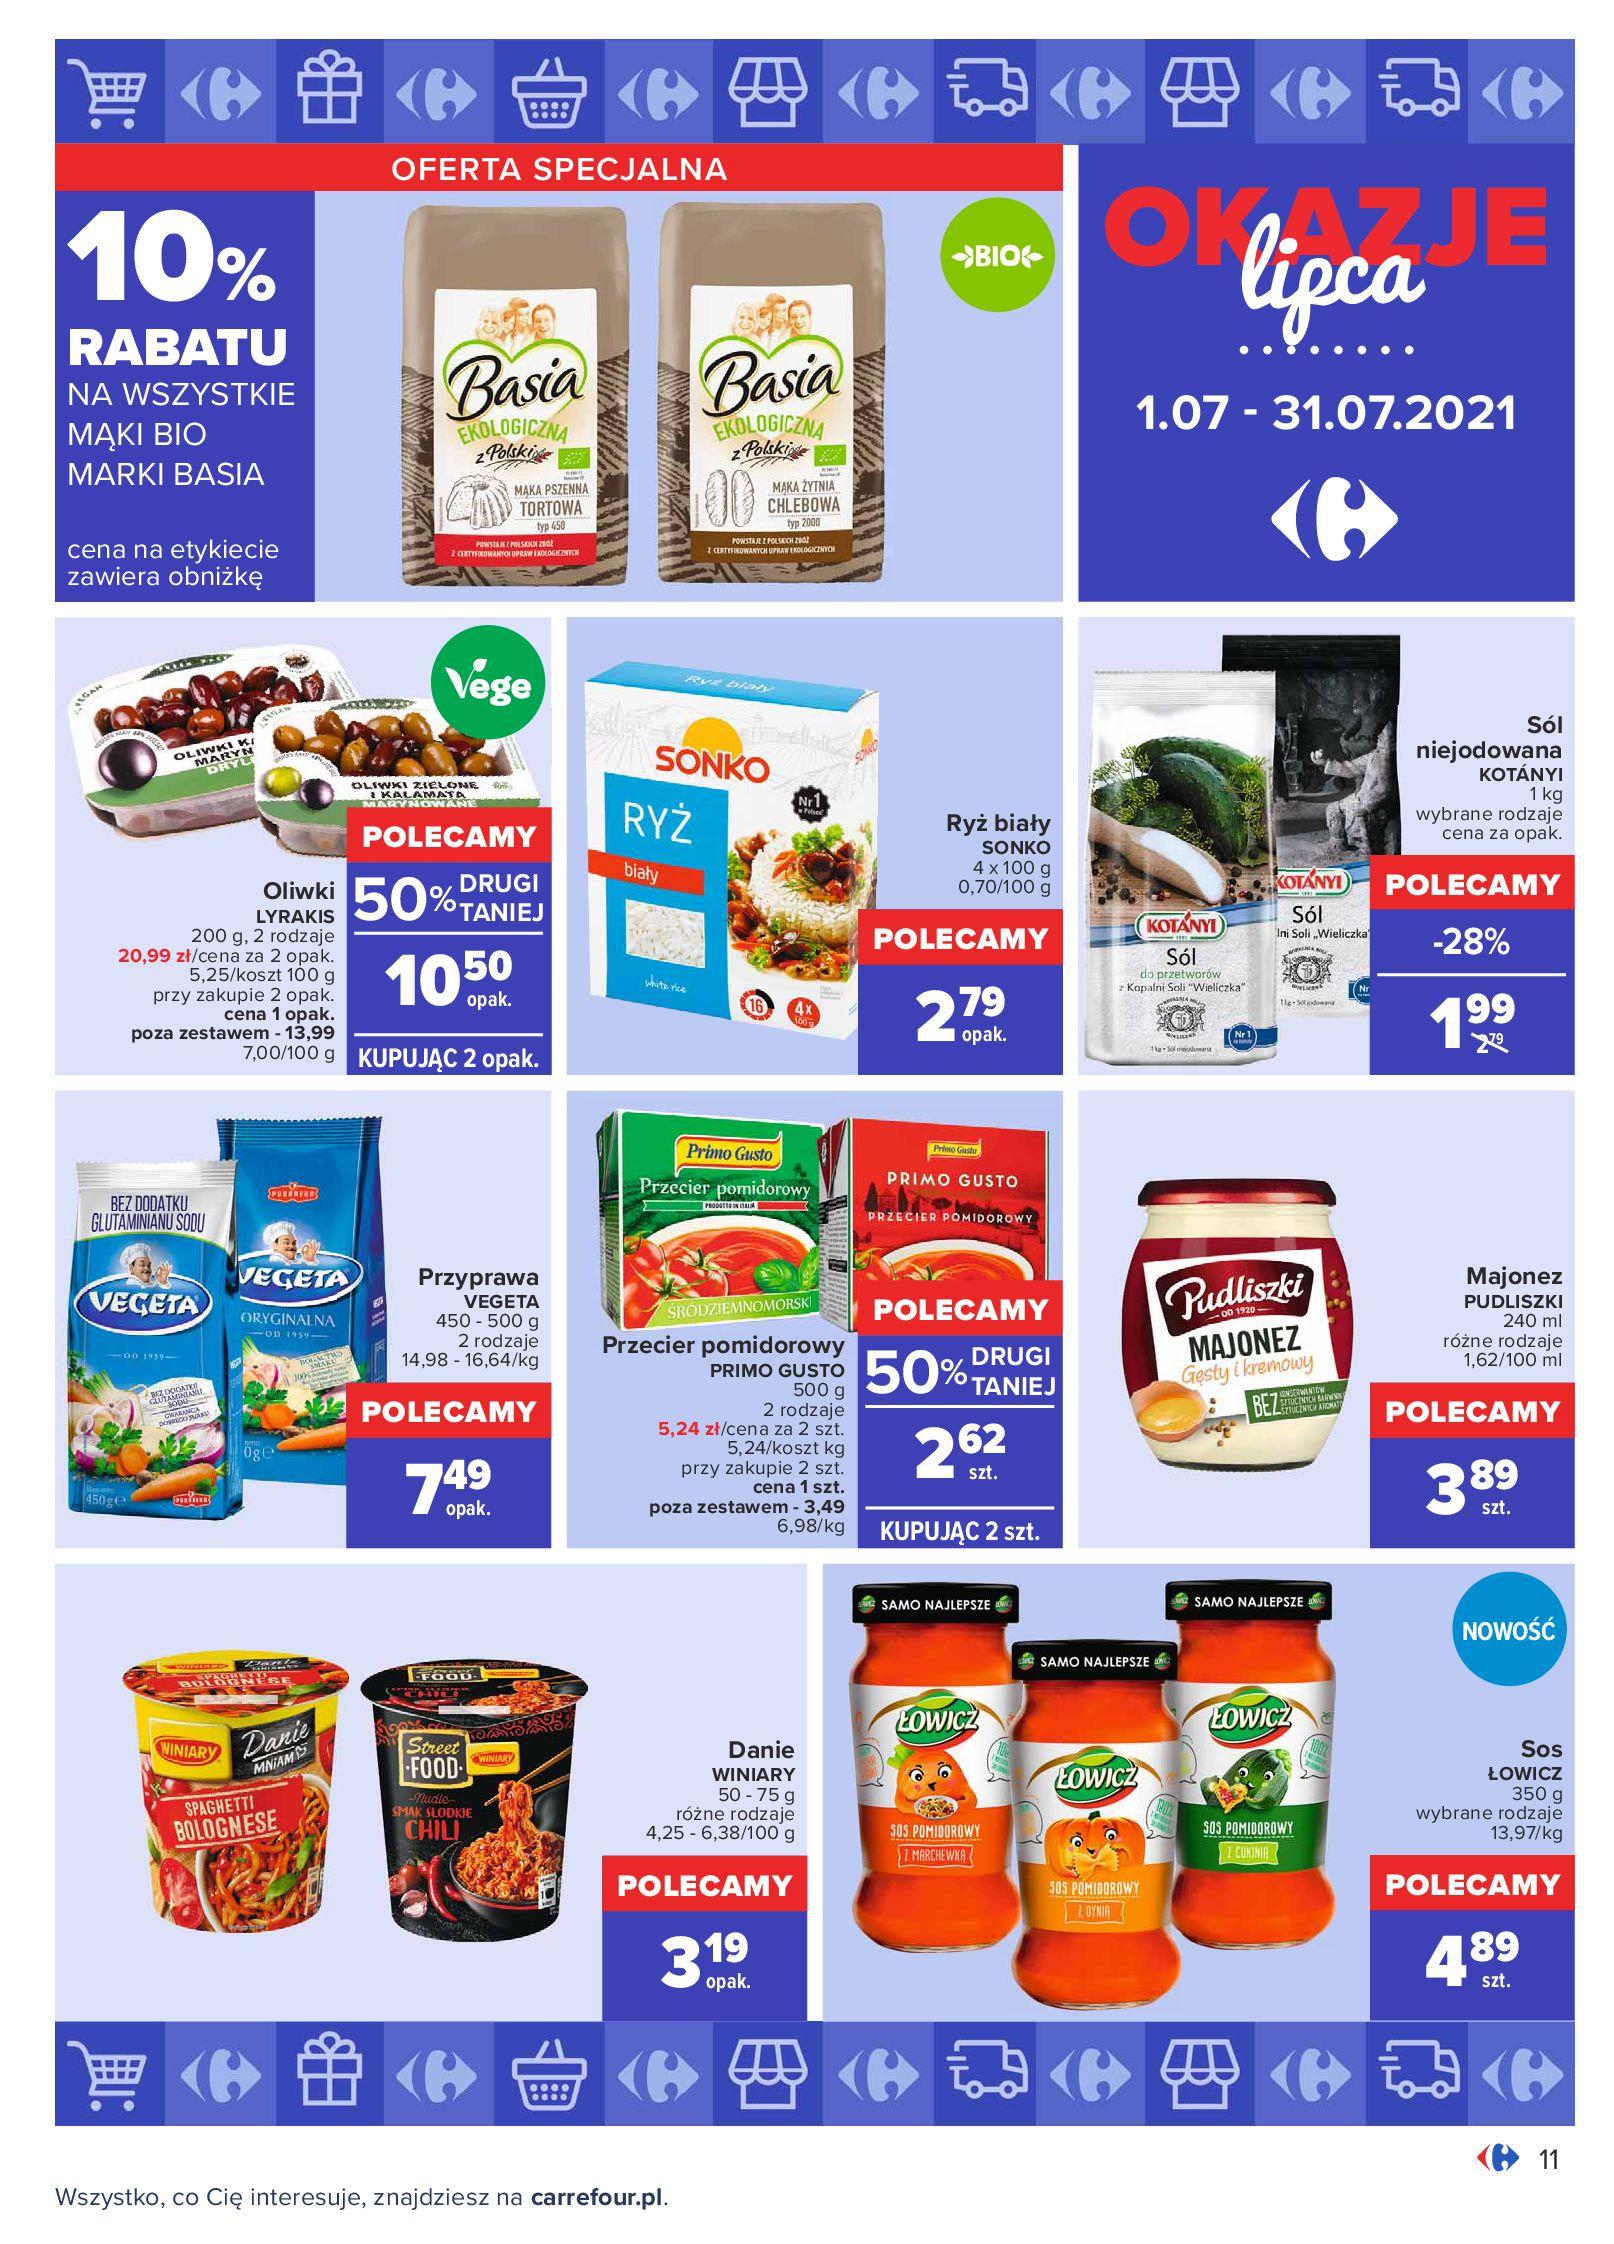 Gazetka Carrefour: Gazetka Carrefour - Okazje lipca 2021-07-01 page-11